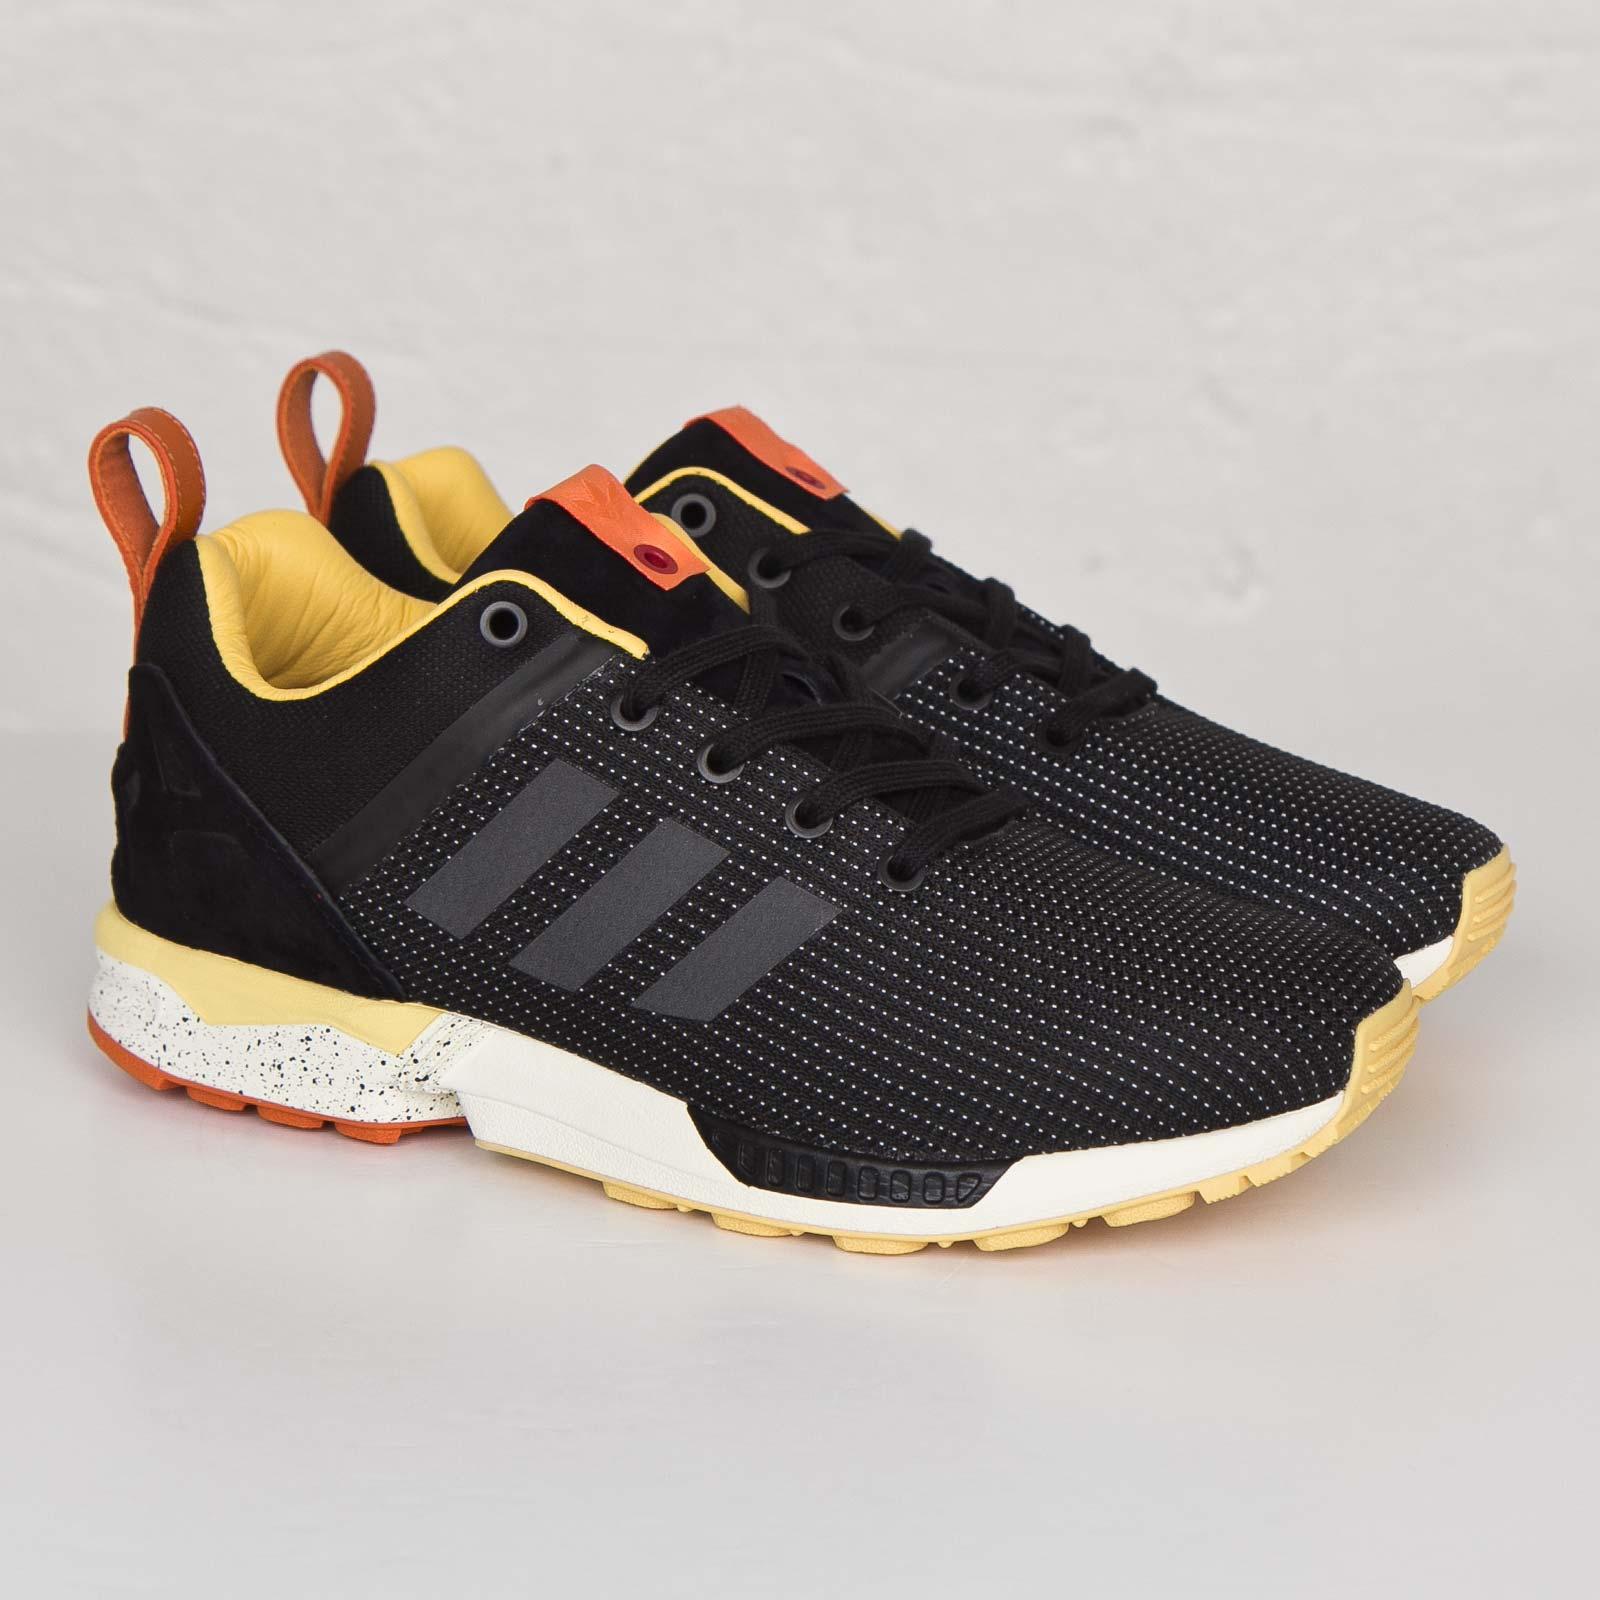 63d31c052a5a4 adidas ZX Flux - BDGA - B25325 - Sneakersnstuff